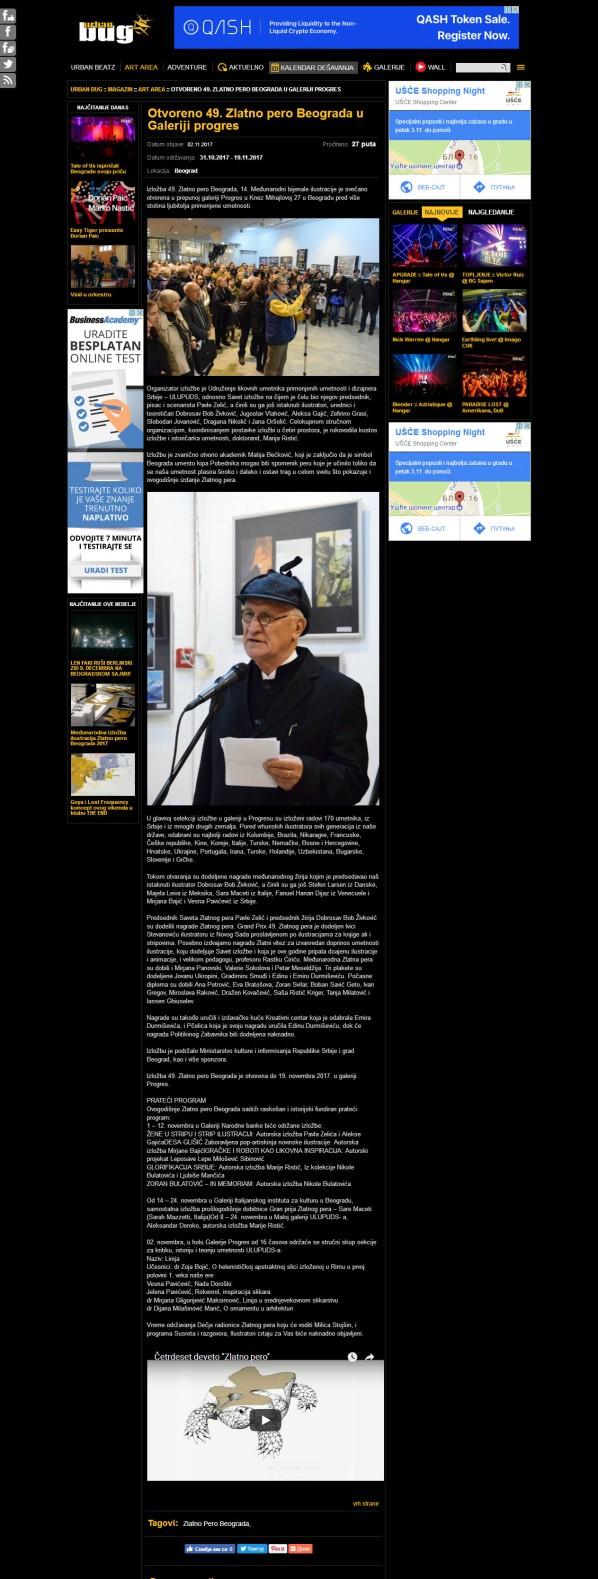 0211 - urbanbug.net - Otvoreno 49. Zlatno pero Beograda u Galeriji progres